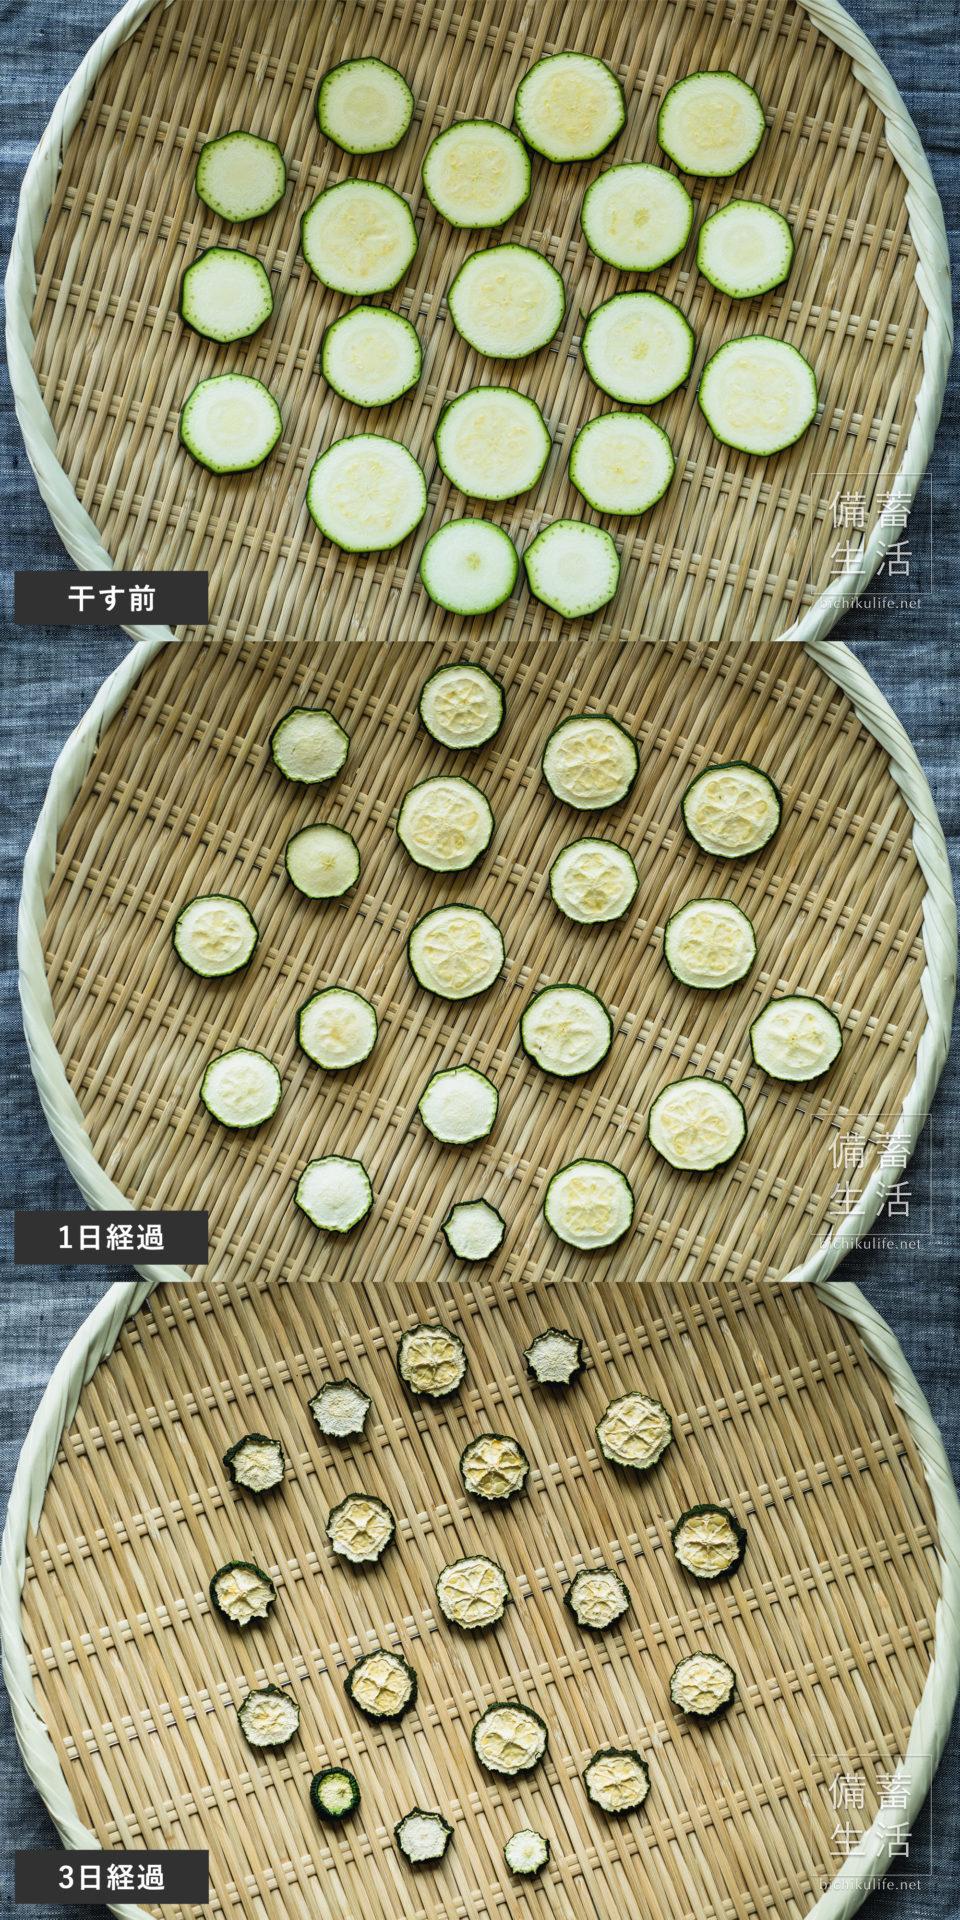 ズッキーニ 干し野菜づくり|干しズッキーニの作り方